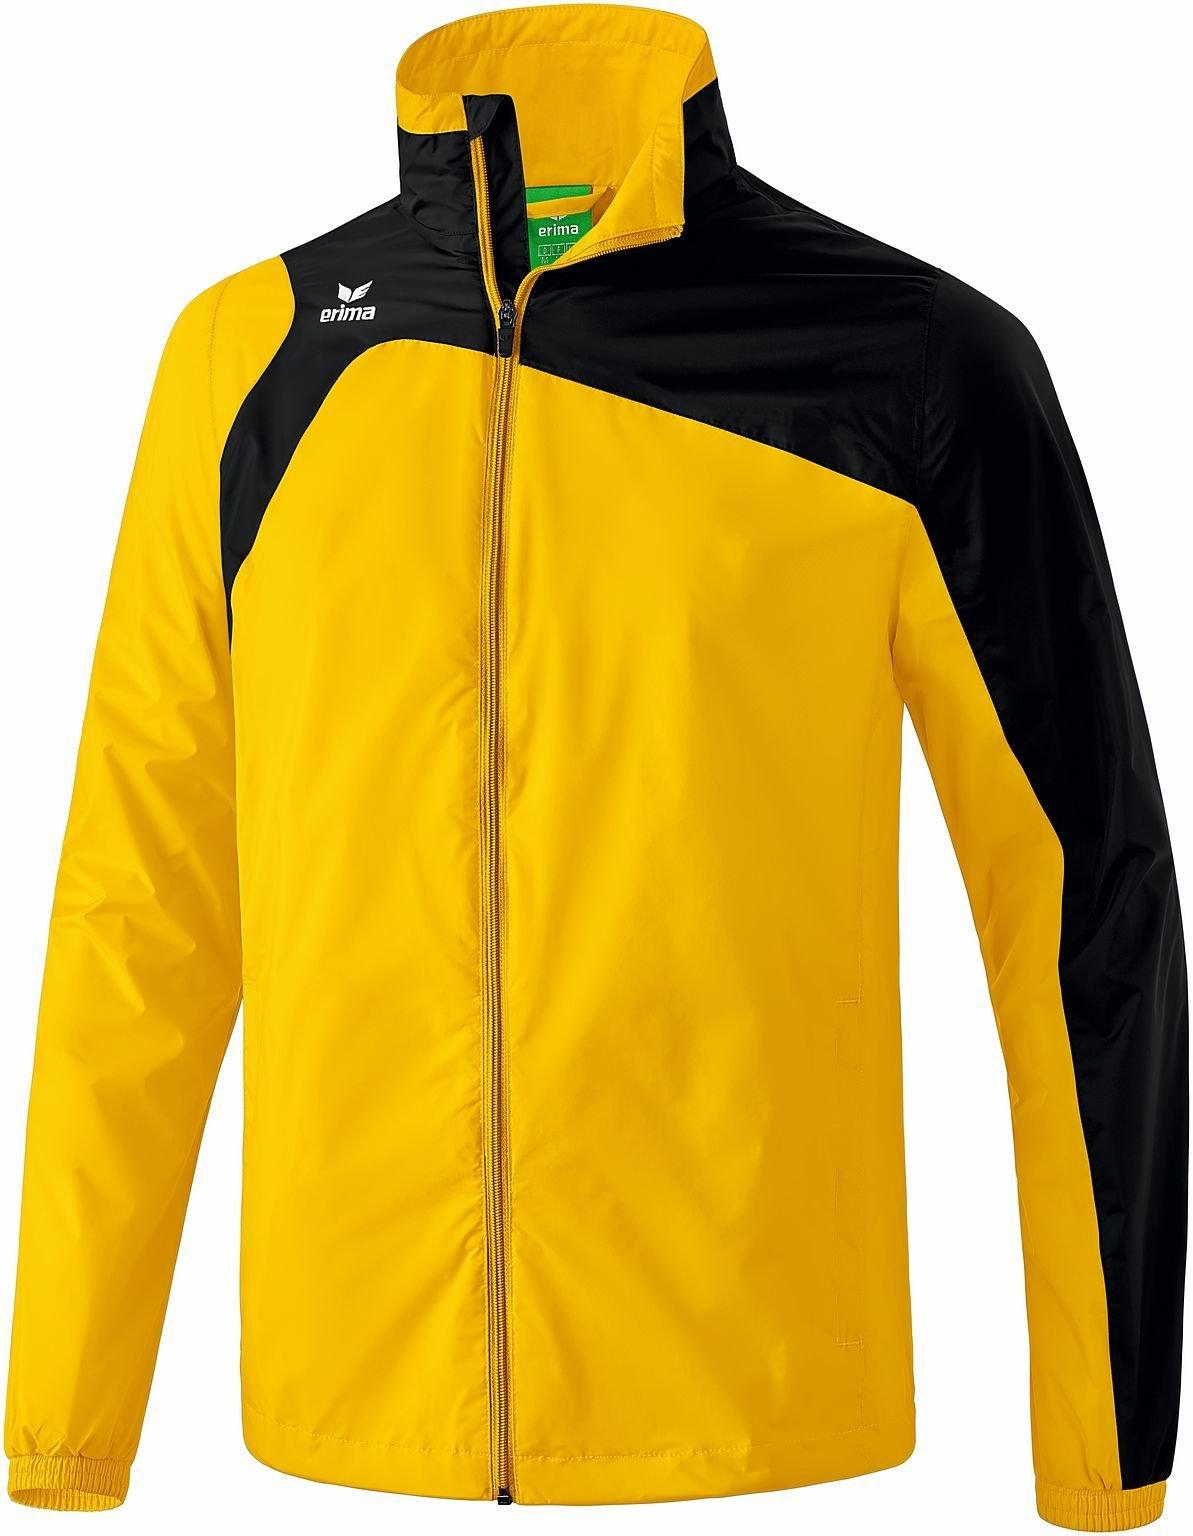 Club 1900 2.0 Jacke mit abnehmbaren Ärmeln in 8 Farben akd1060707